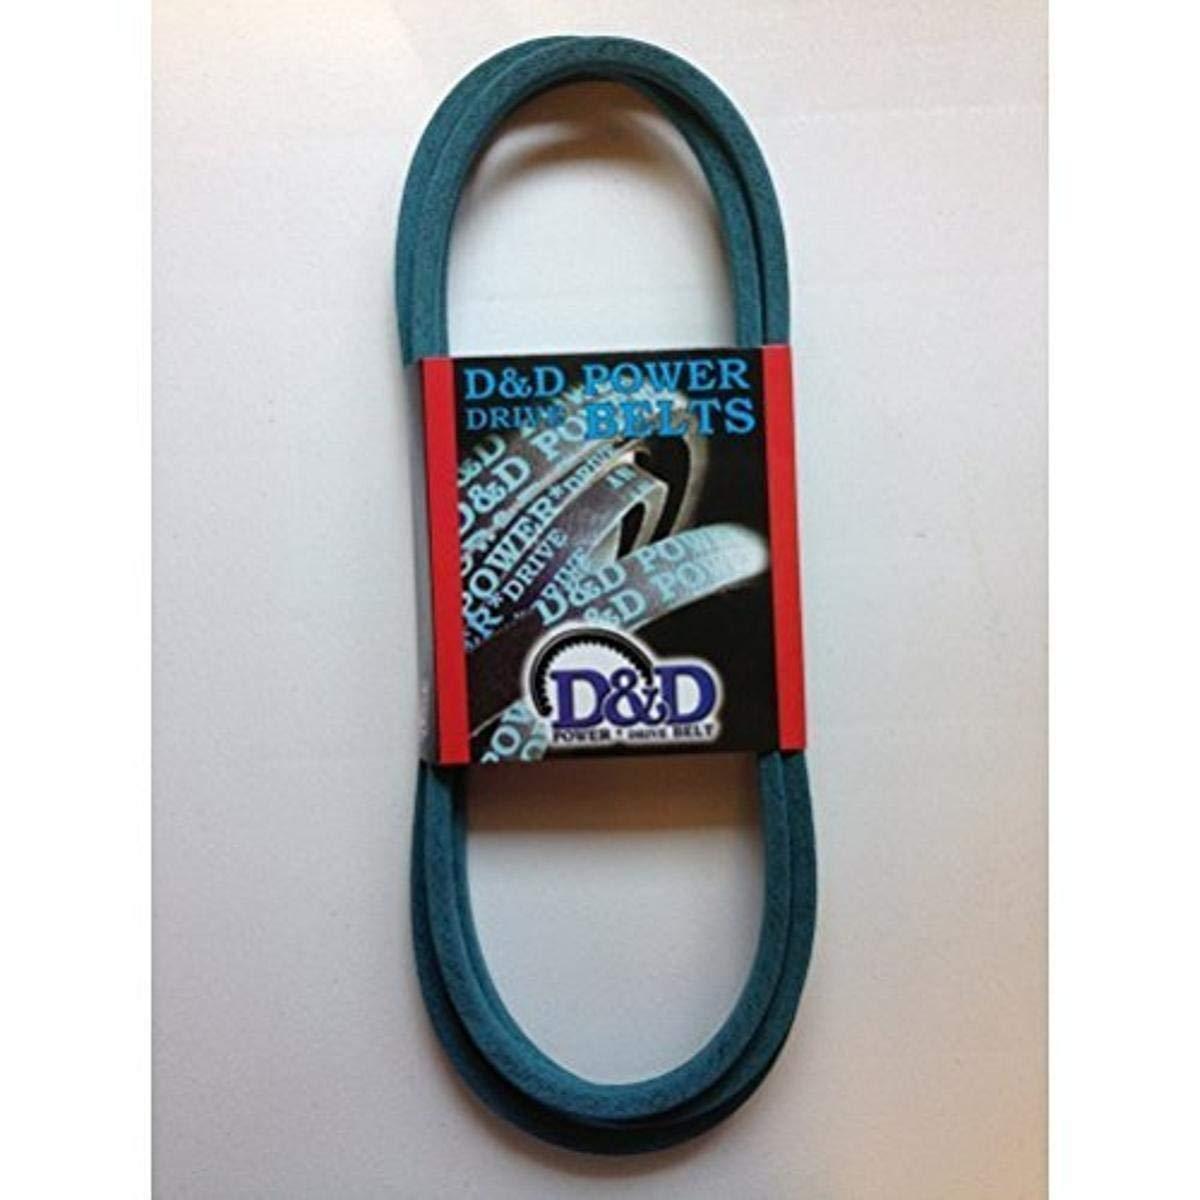 D&D PowerDrive 540142 Yard Man Kevlar Replacement Belt, 31